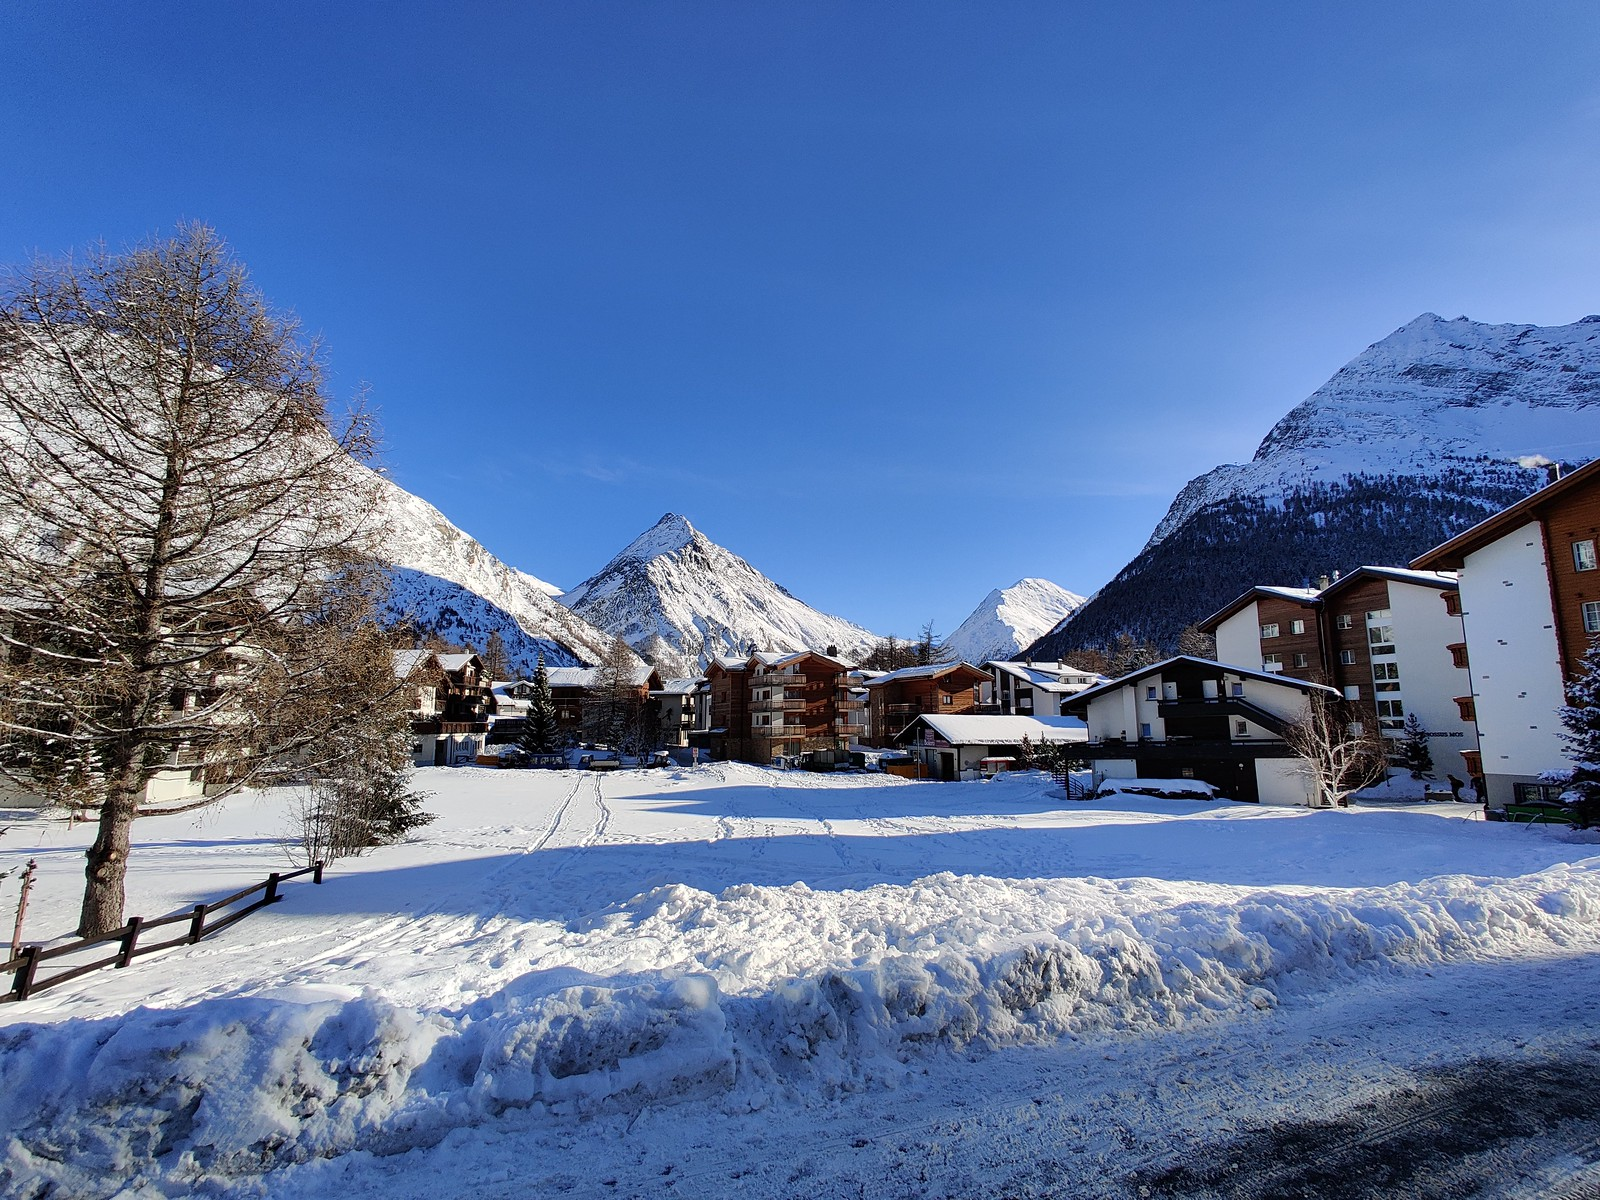 Winter in Saas Fee